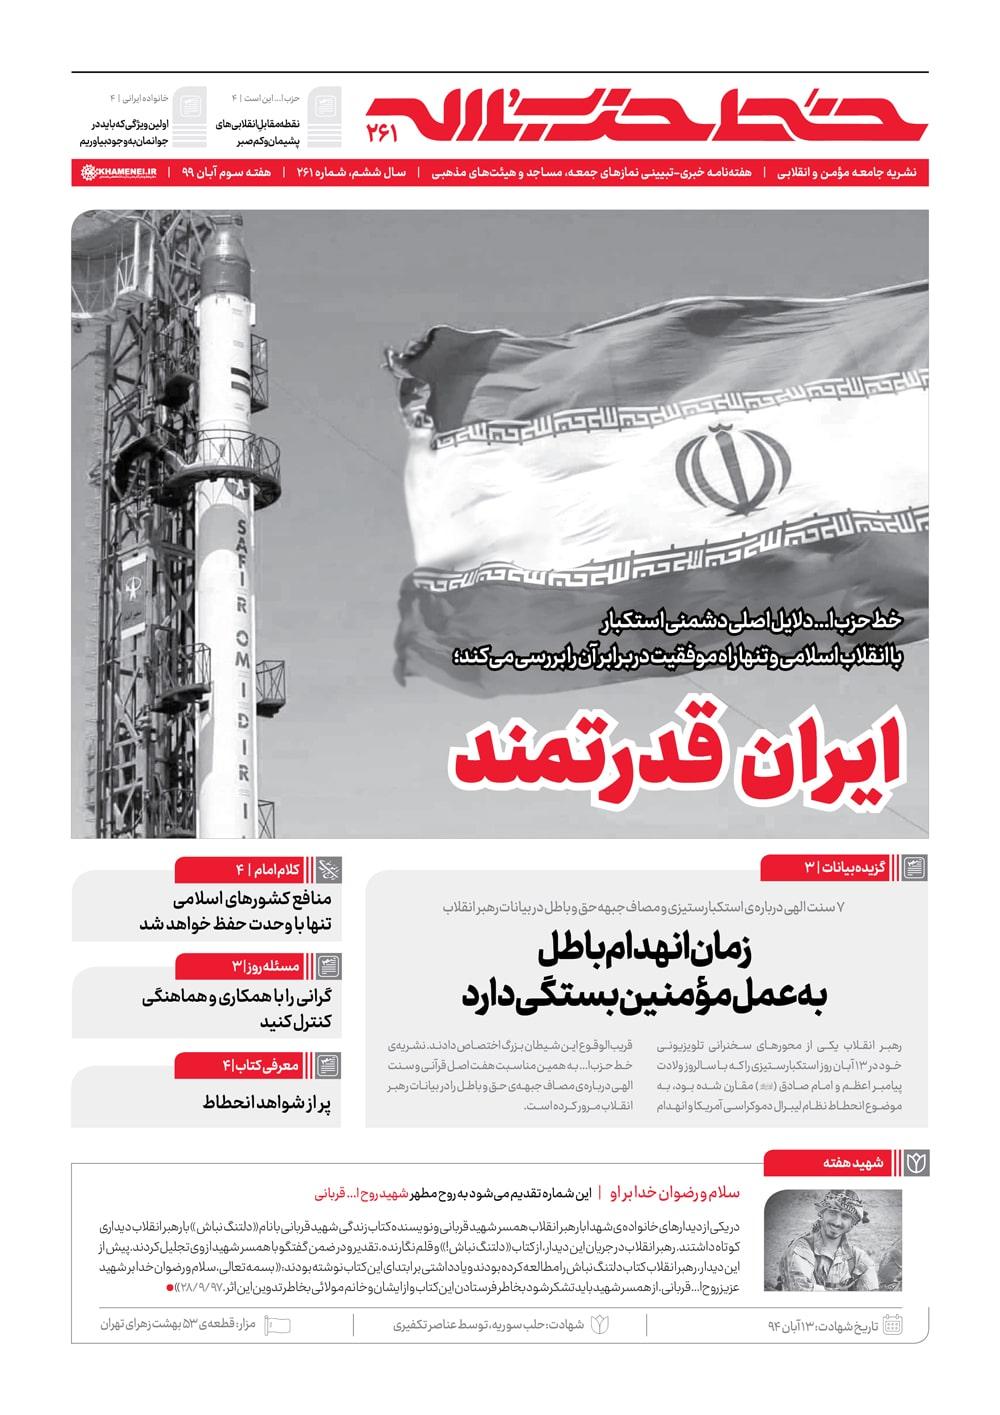 تصویر صفحه اول شماره 261 خط حزب الله